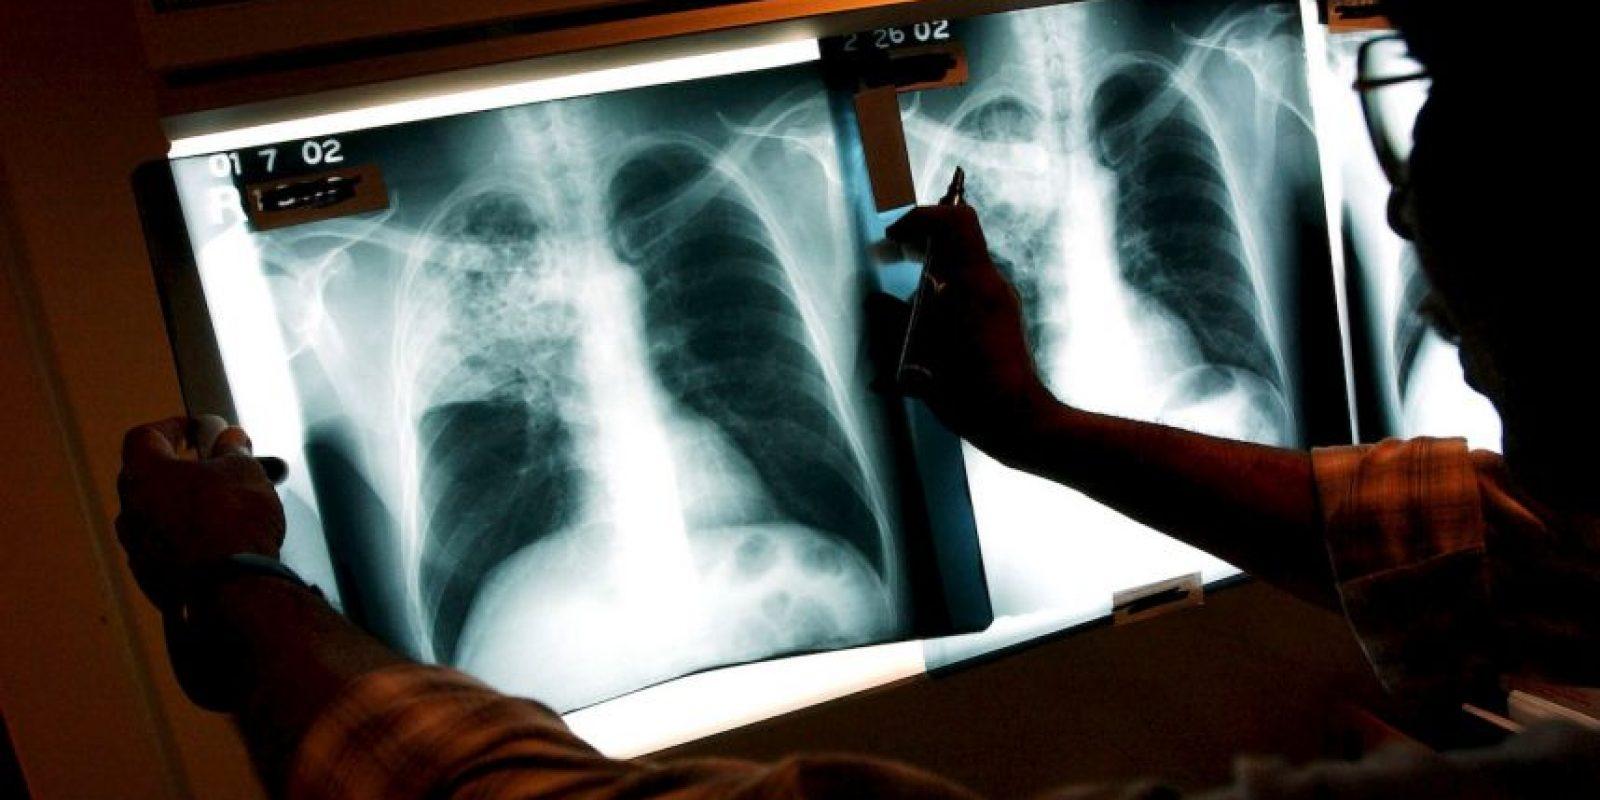 Esta enfermedad es la segunda causa de muerte después del sida, según datos de la Organización Mundial de la Salud (OMS). Foto:Getty